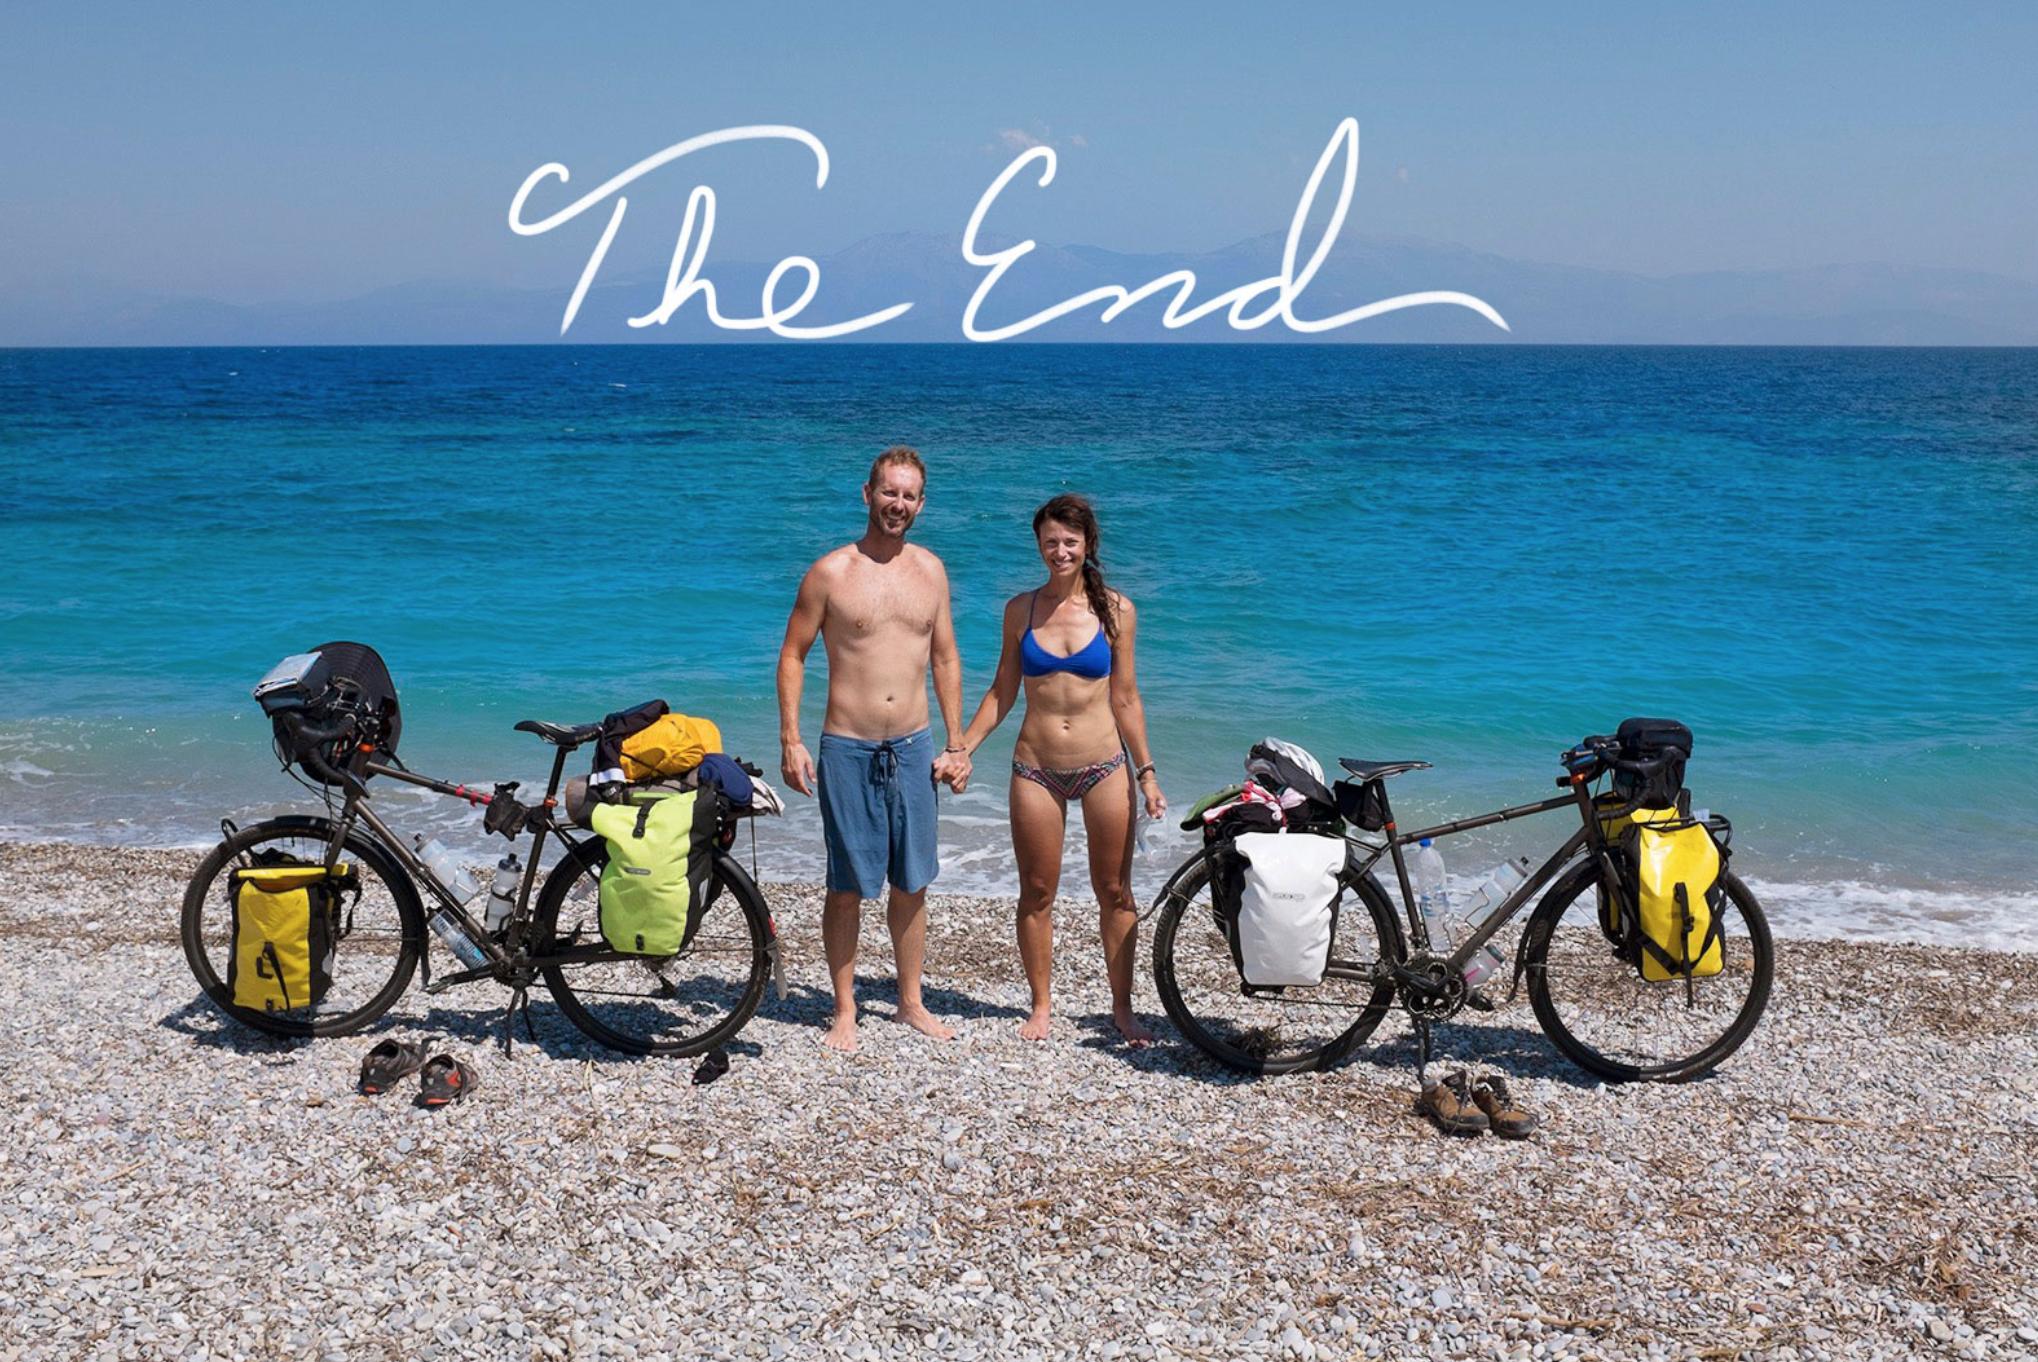 diephuis-trip-bike-3000-miles52.png